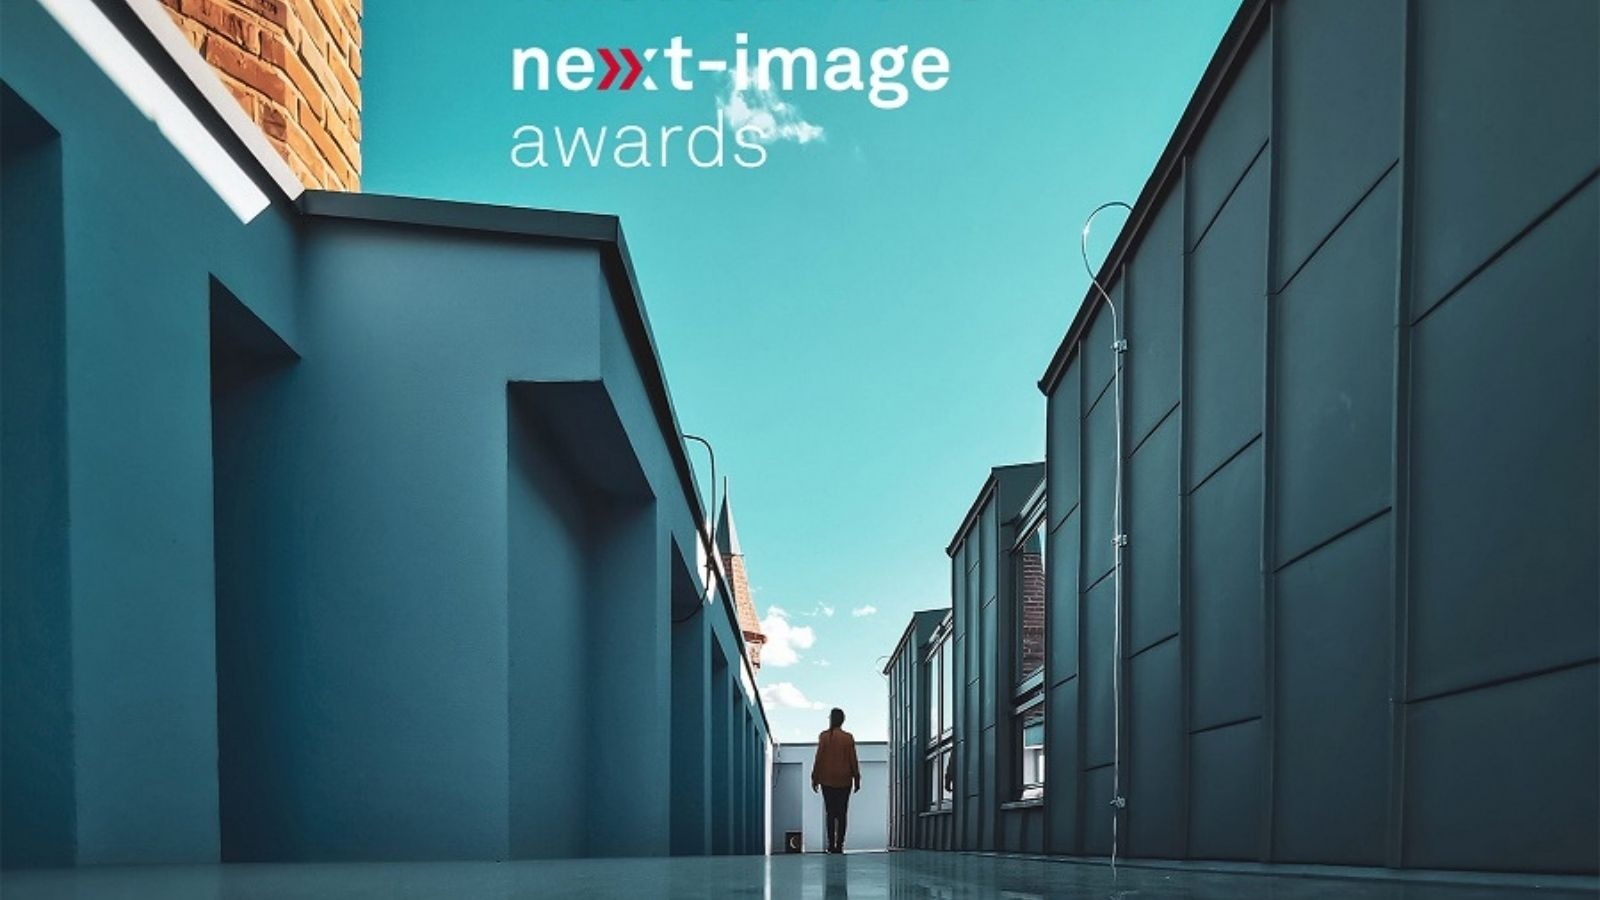 Polscy twórcy w finale konkursu Huawei Next-Image Awards 2020! Konkurs MEDIARUN zdjecia huawei